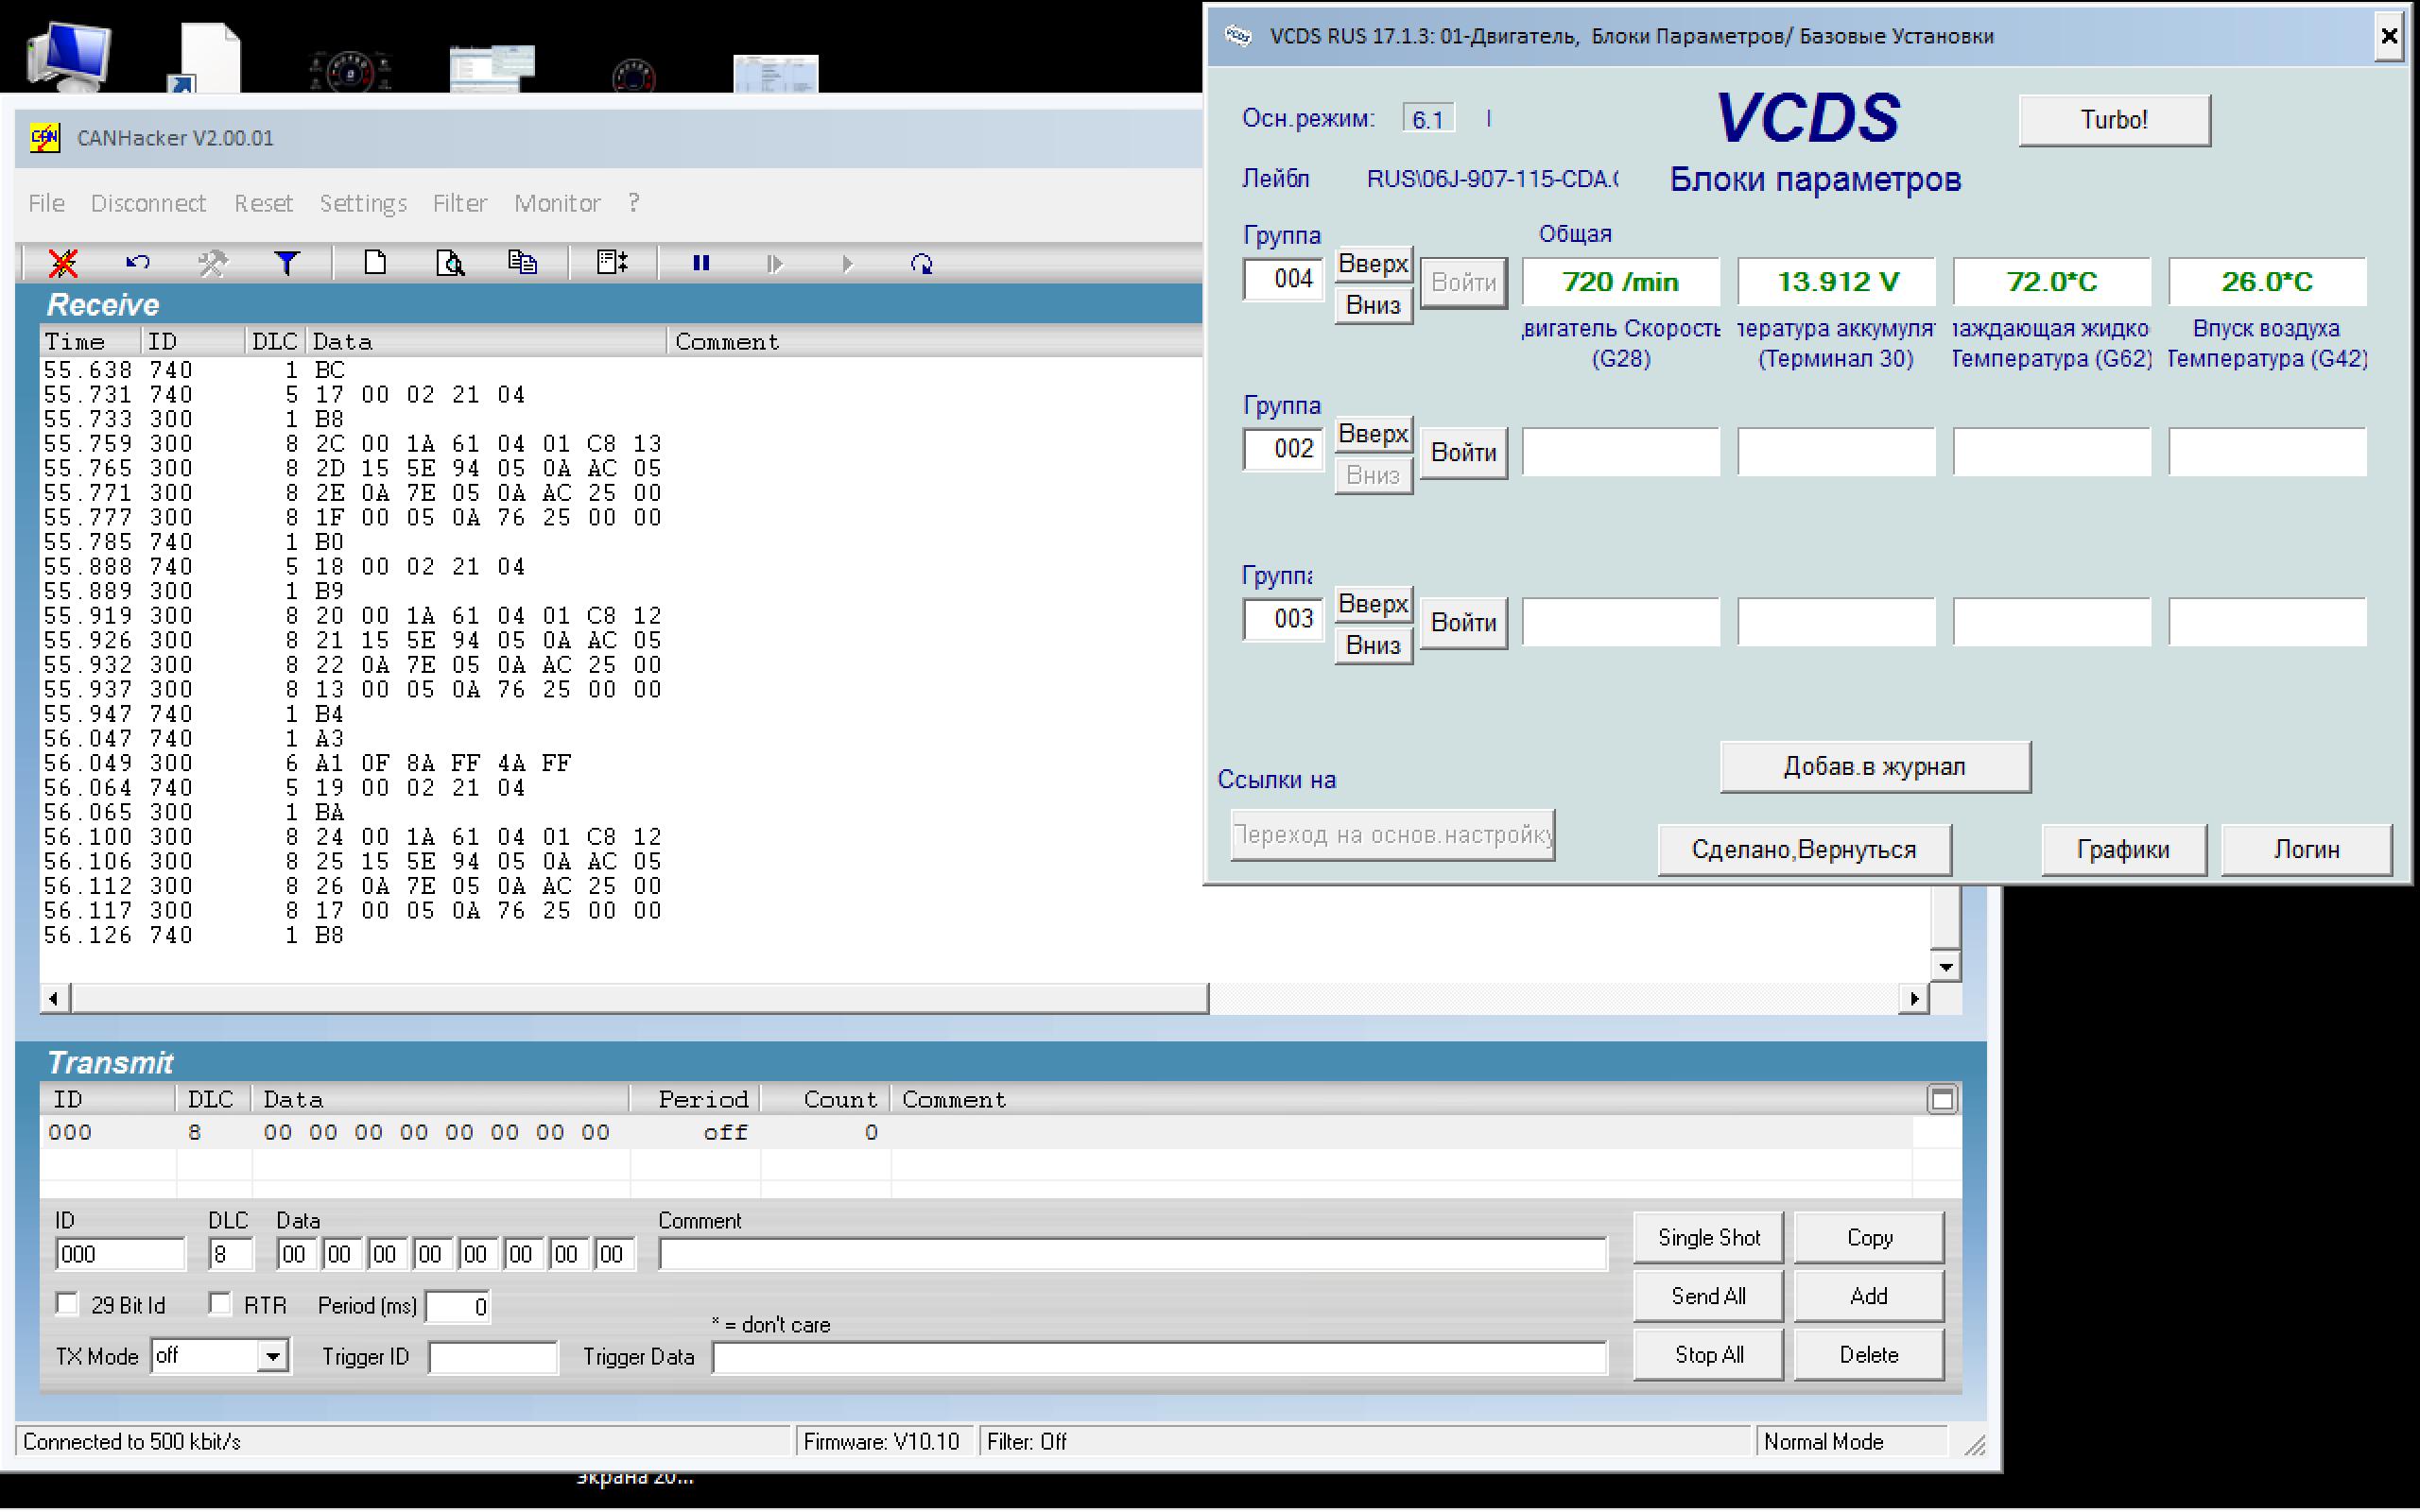 Диагностические данные от двигателя по протоколу KWP2000 (Skoda Octavia A5)